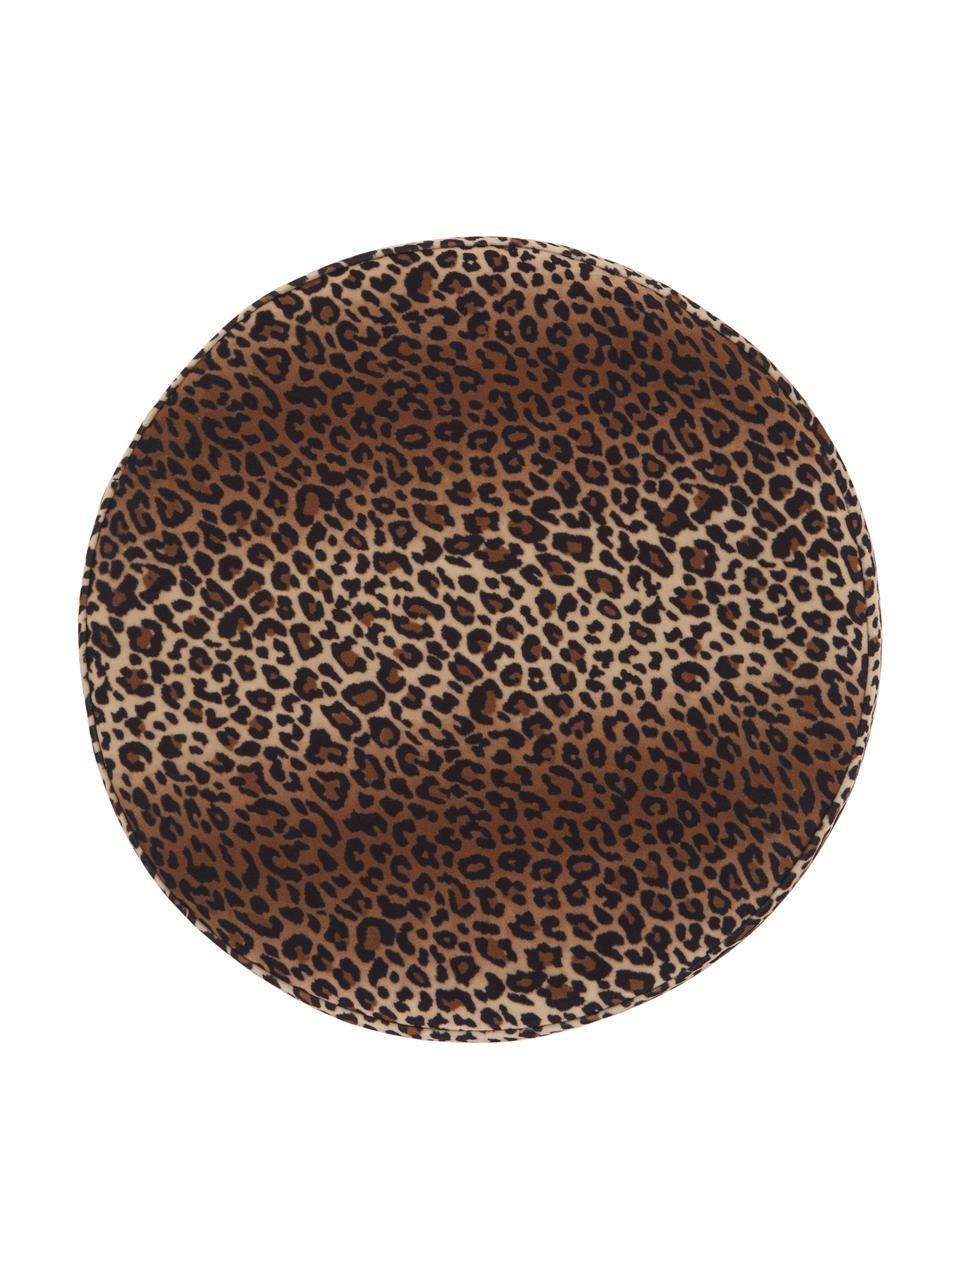 Pouf in velluto con motivo leopardato Daisy, Rivestimento: velluto (poliestere) Il r, Struttura: compensato, Marrone, Ø 38 x Alt. 45 cm